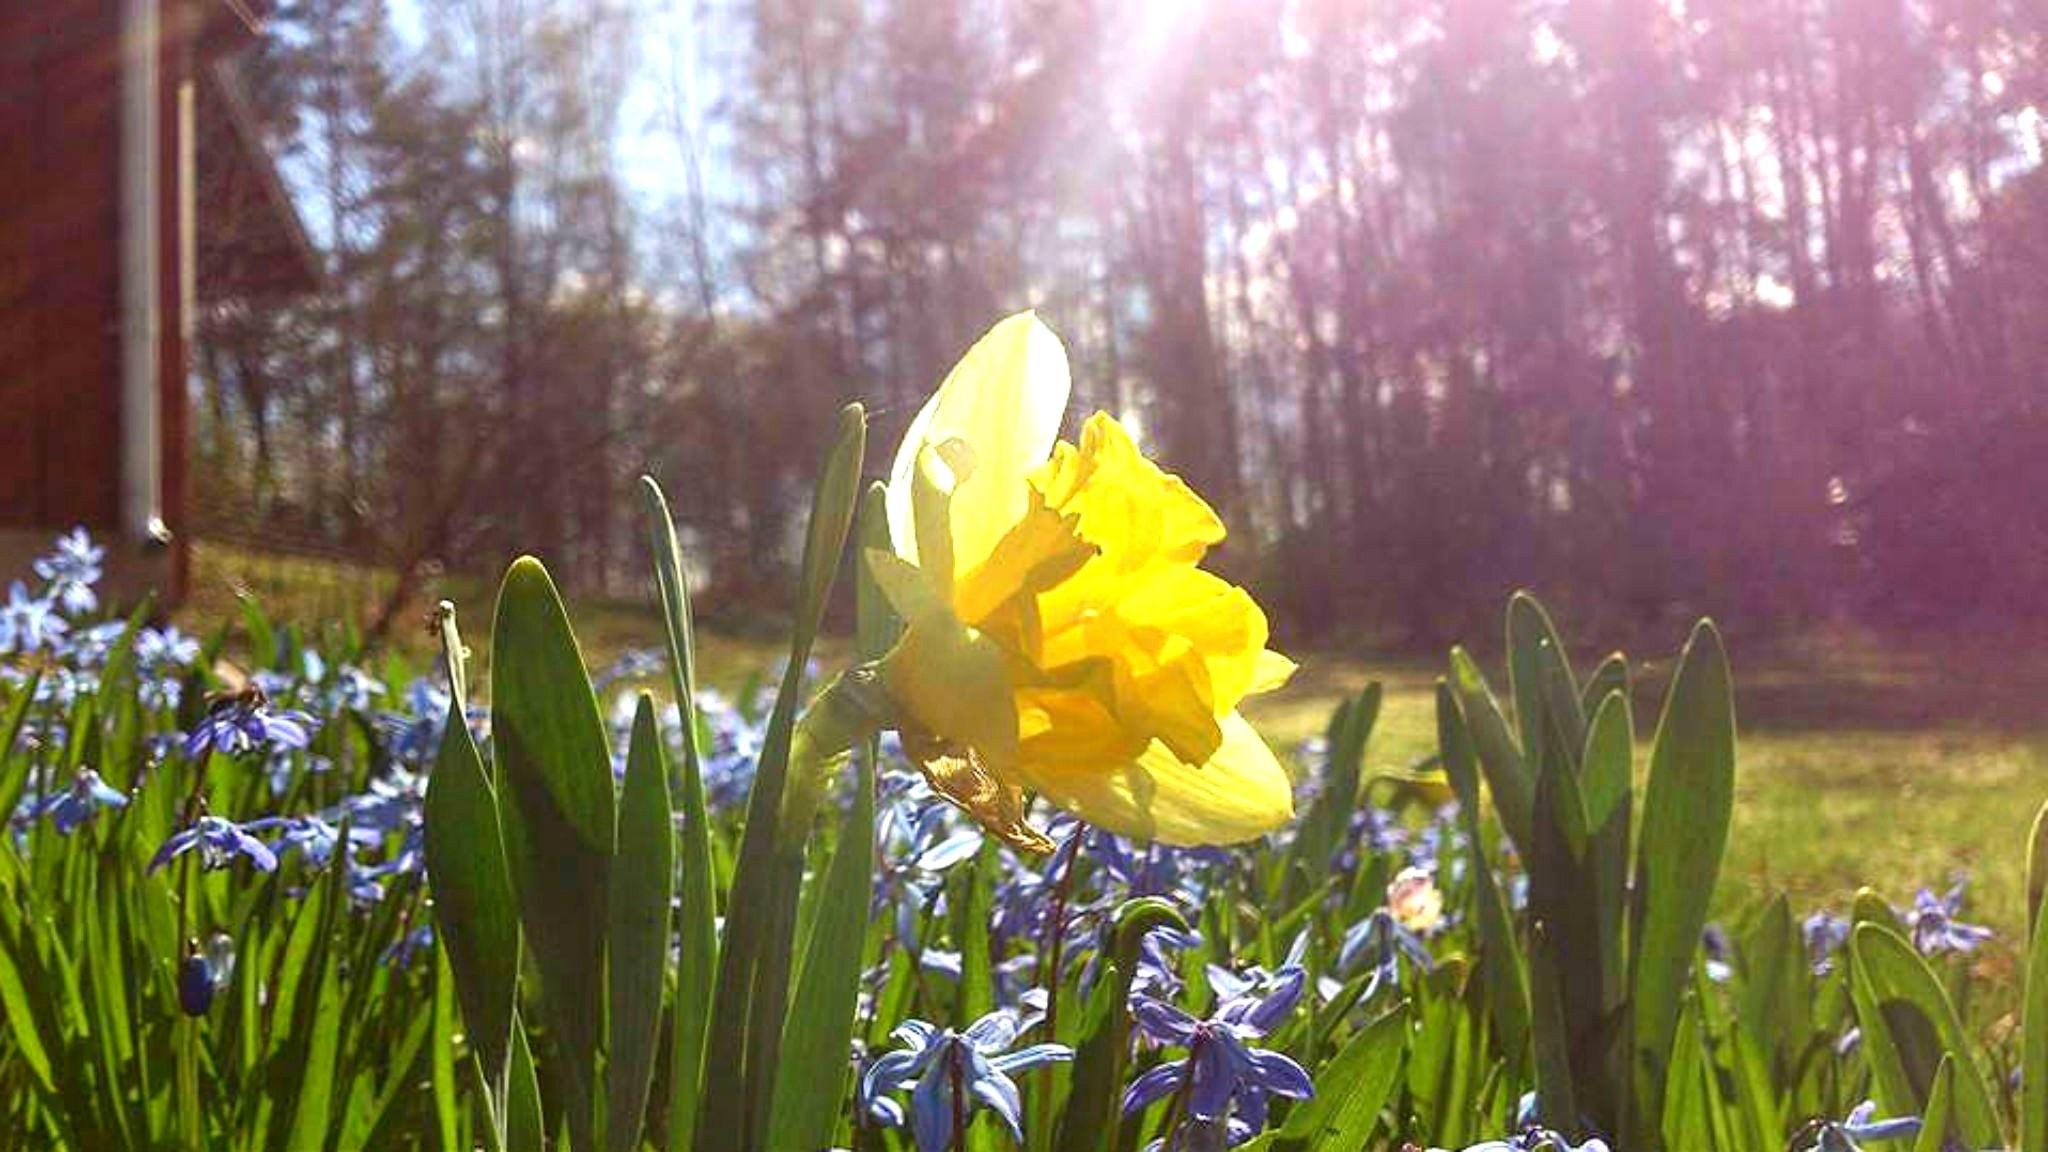 Påskdagens gudstjänst handlar om uppståndelsens glädje. Foto: Katarina Josephsson.